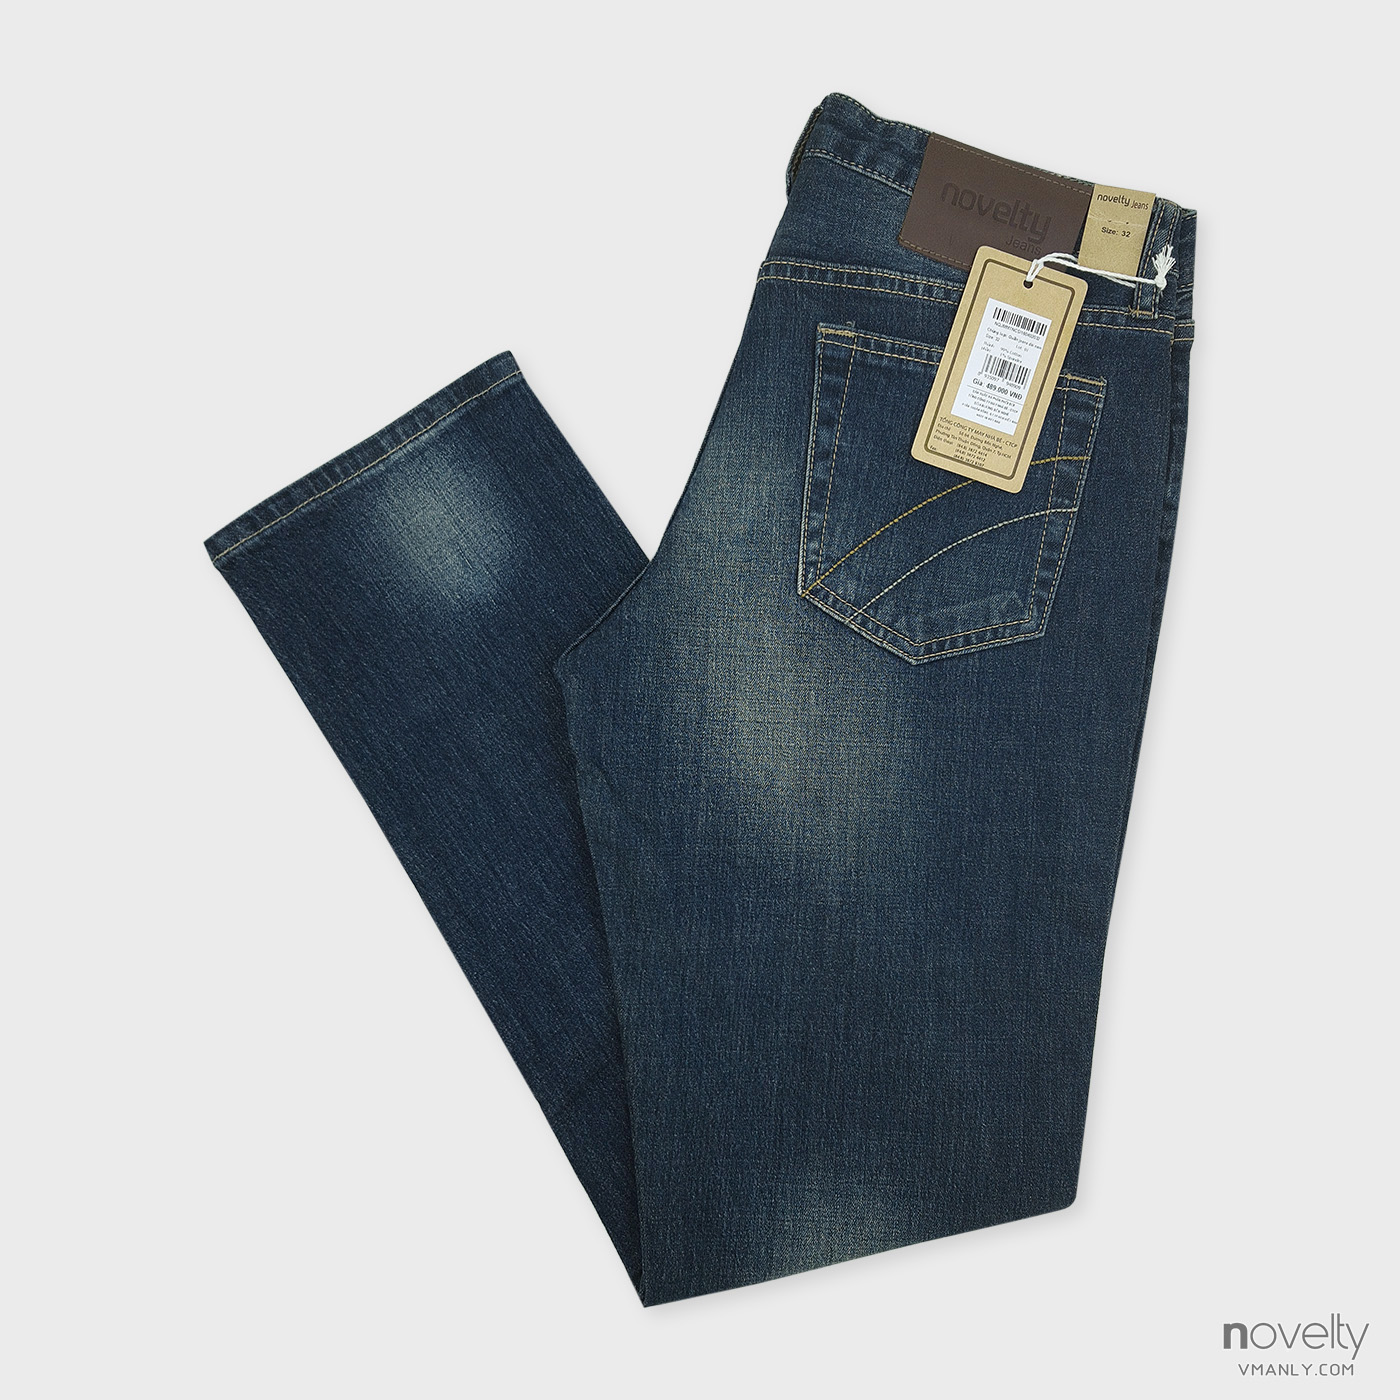 Quần Jeans nam Novelty ống côn màu xanh đậm NQJMMTNCSI1604020